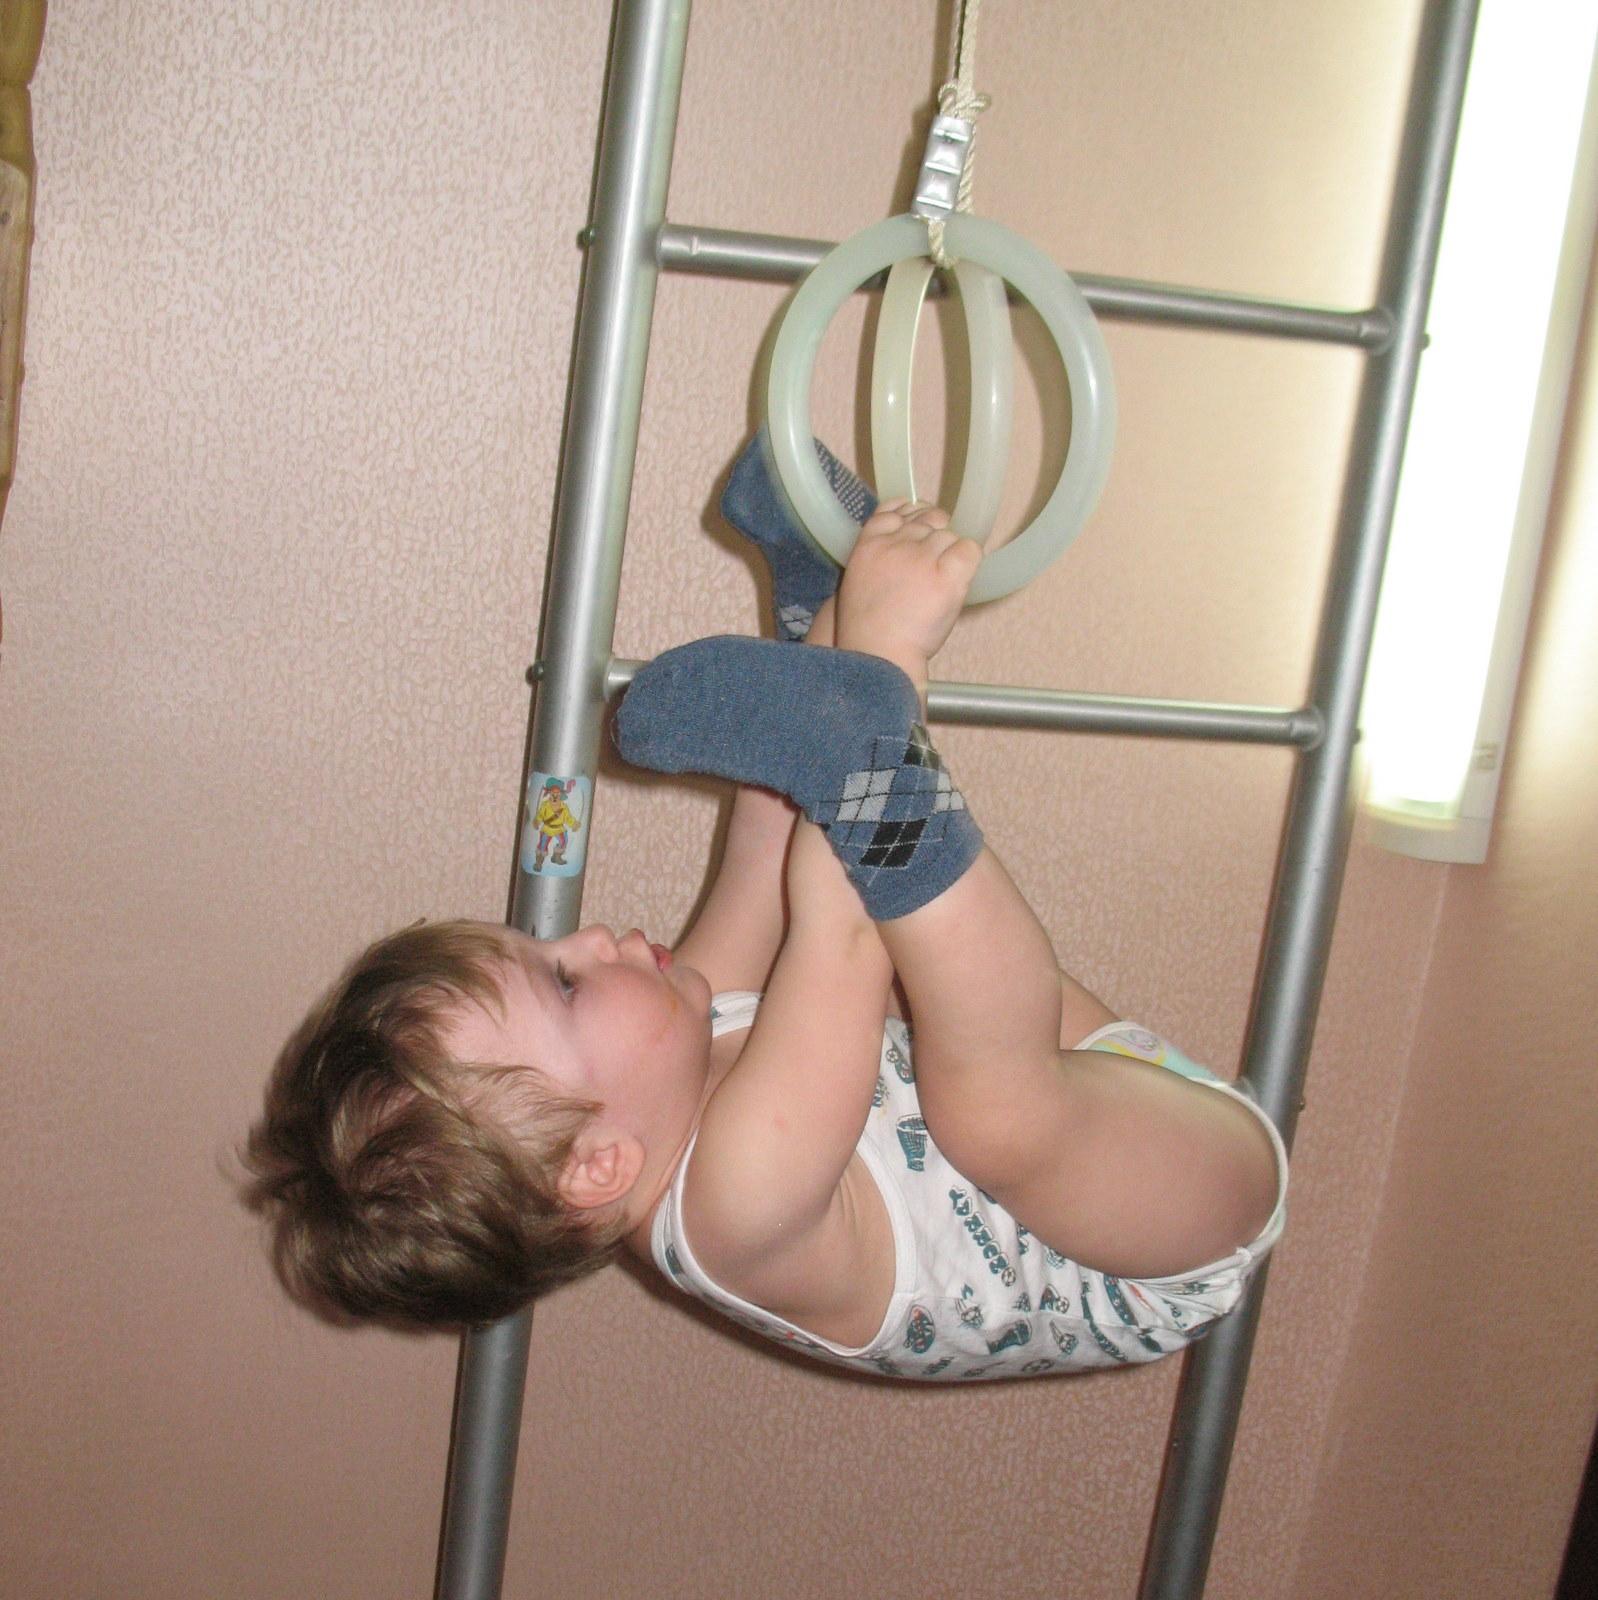 Делает гимнастику голая